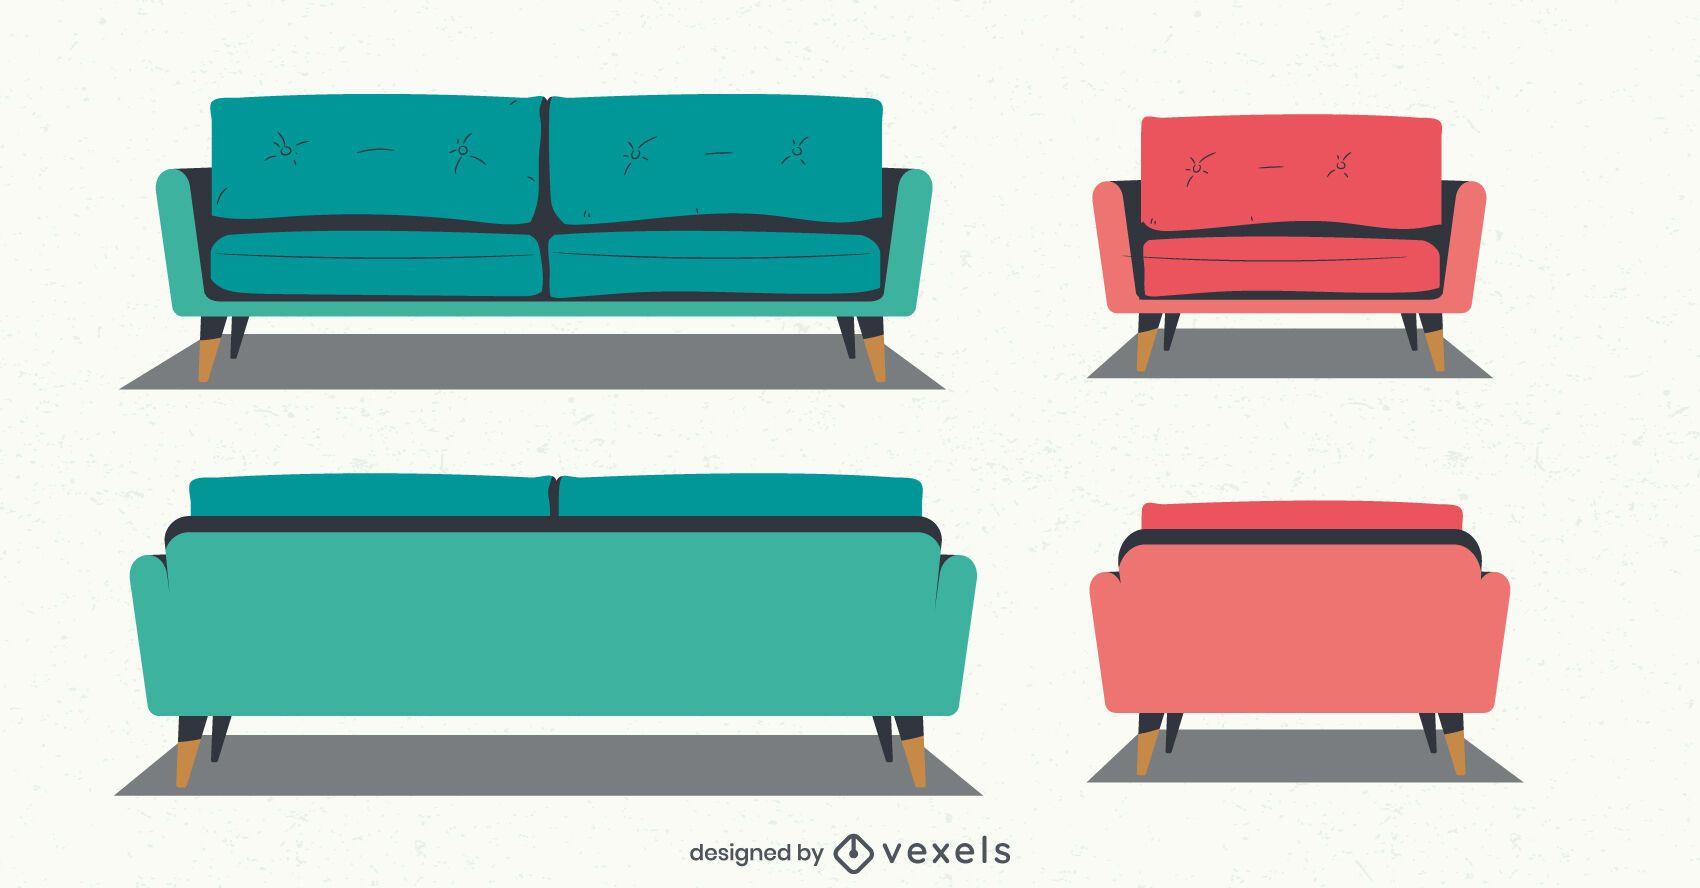 conjunto de ilustración de silla de sofá